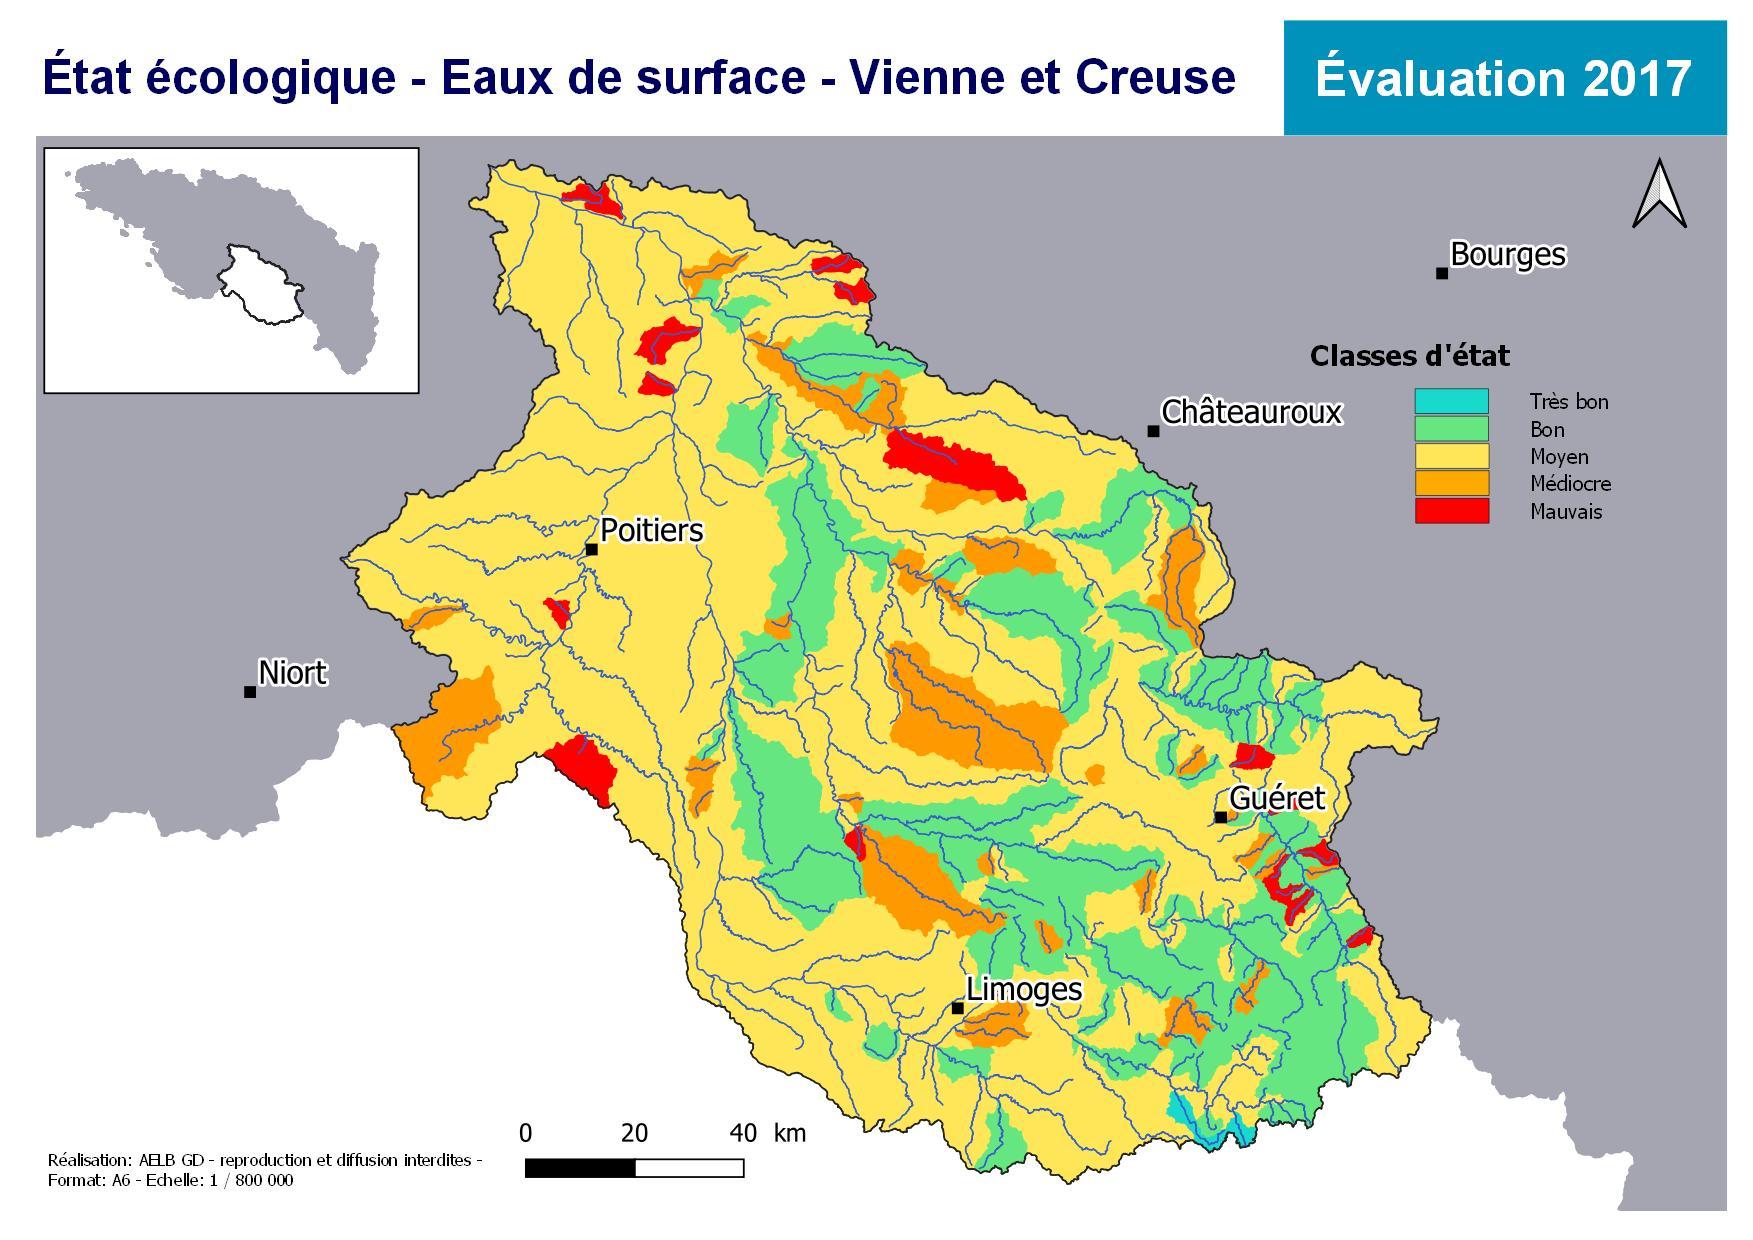 Évaluation 2017 de l'état écologique des eaux de surface - Vienne Creuse